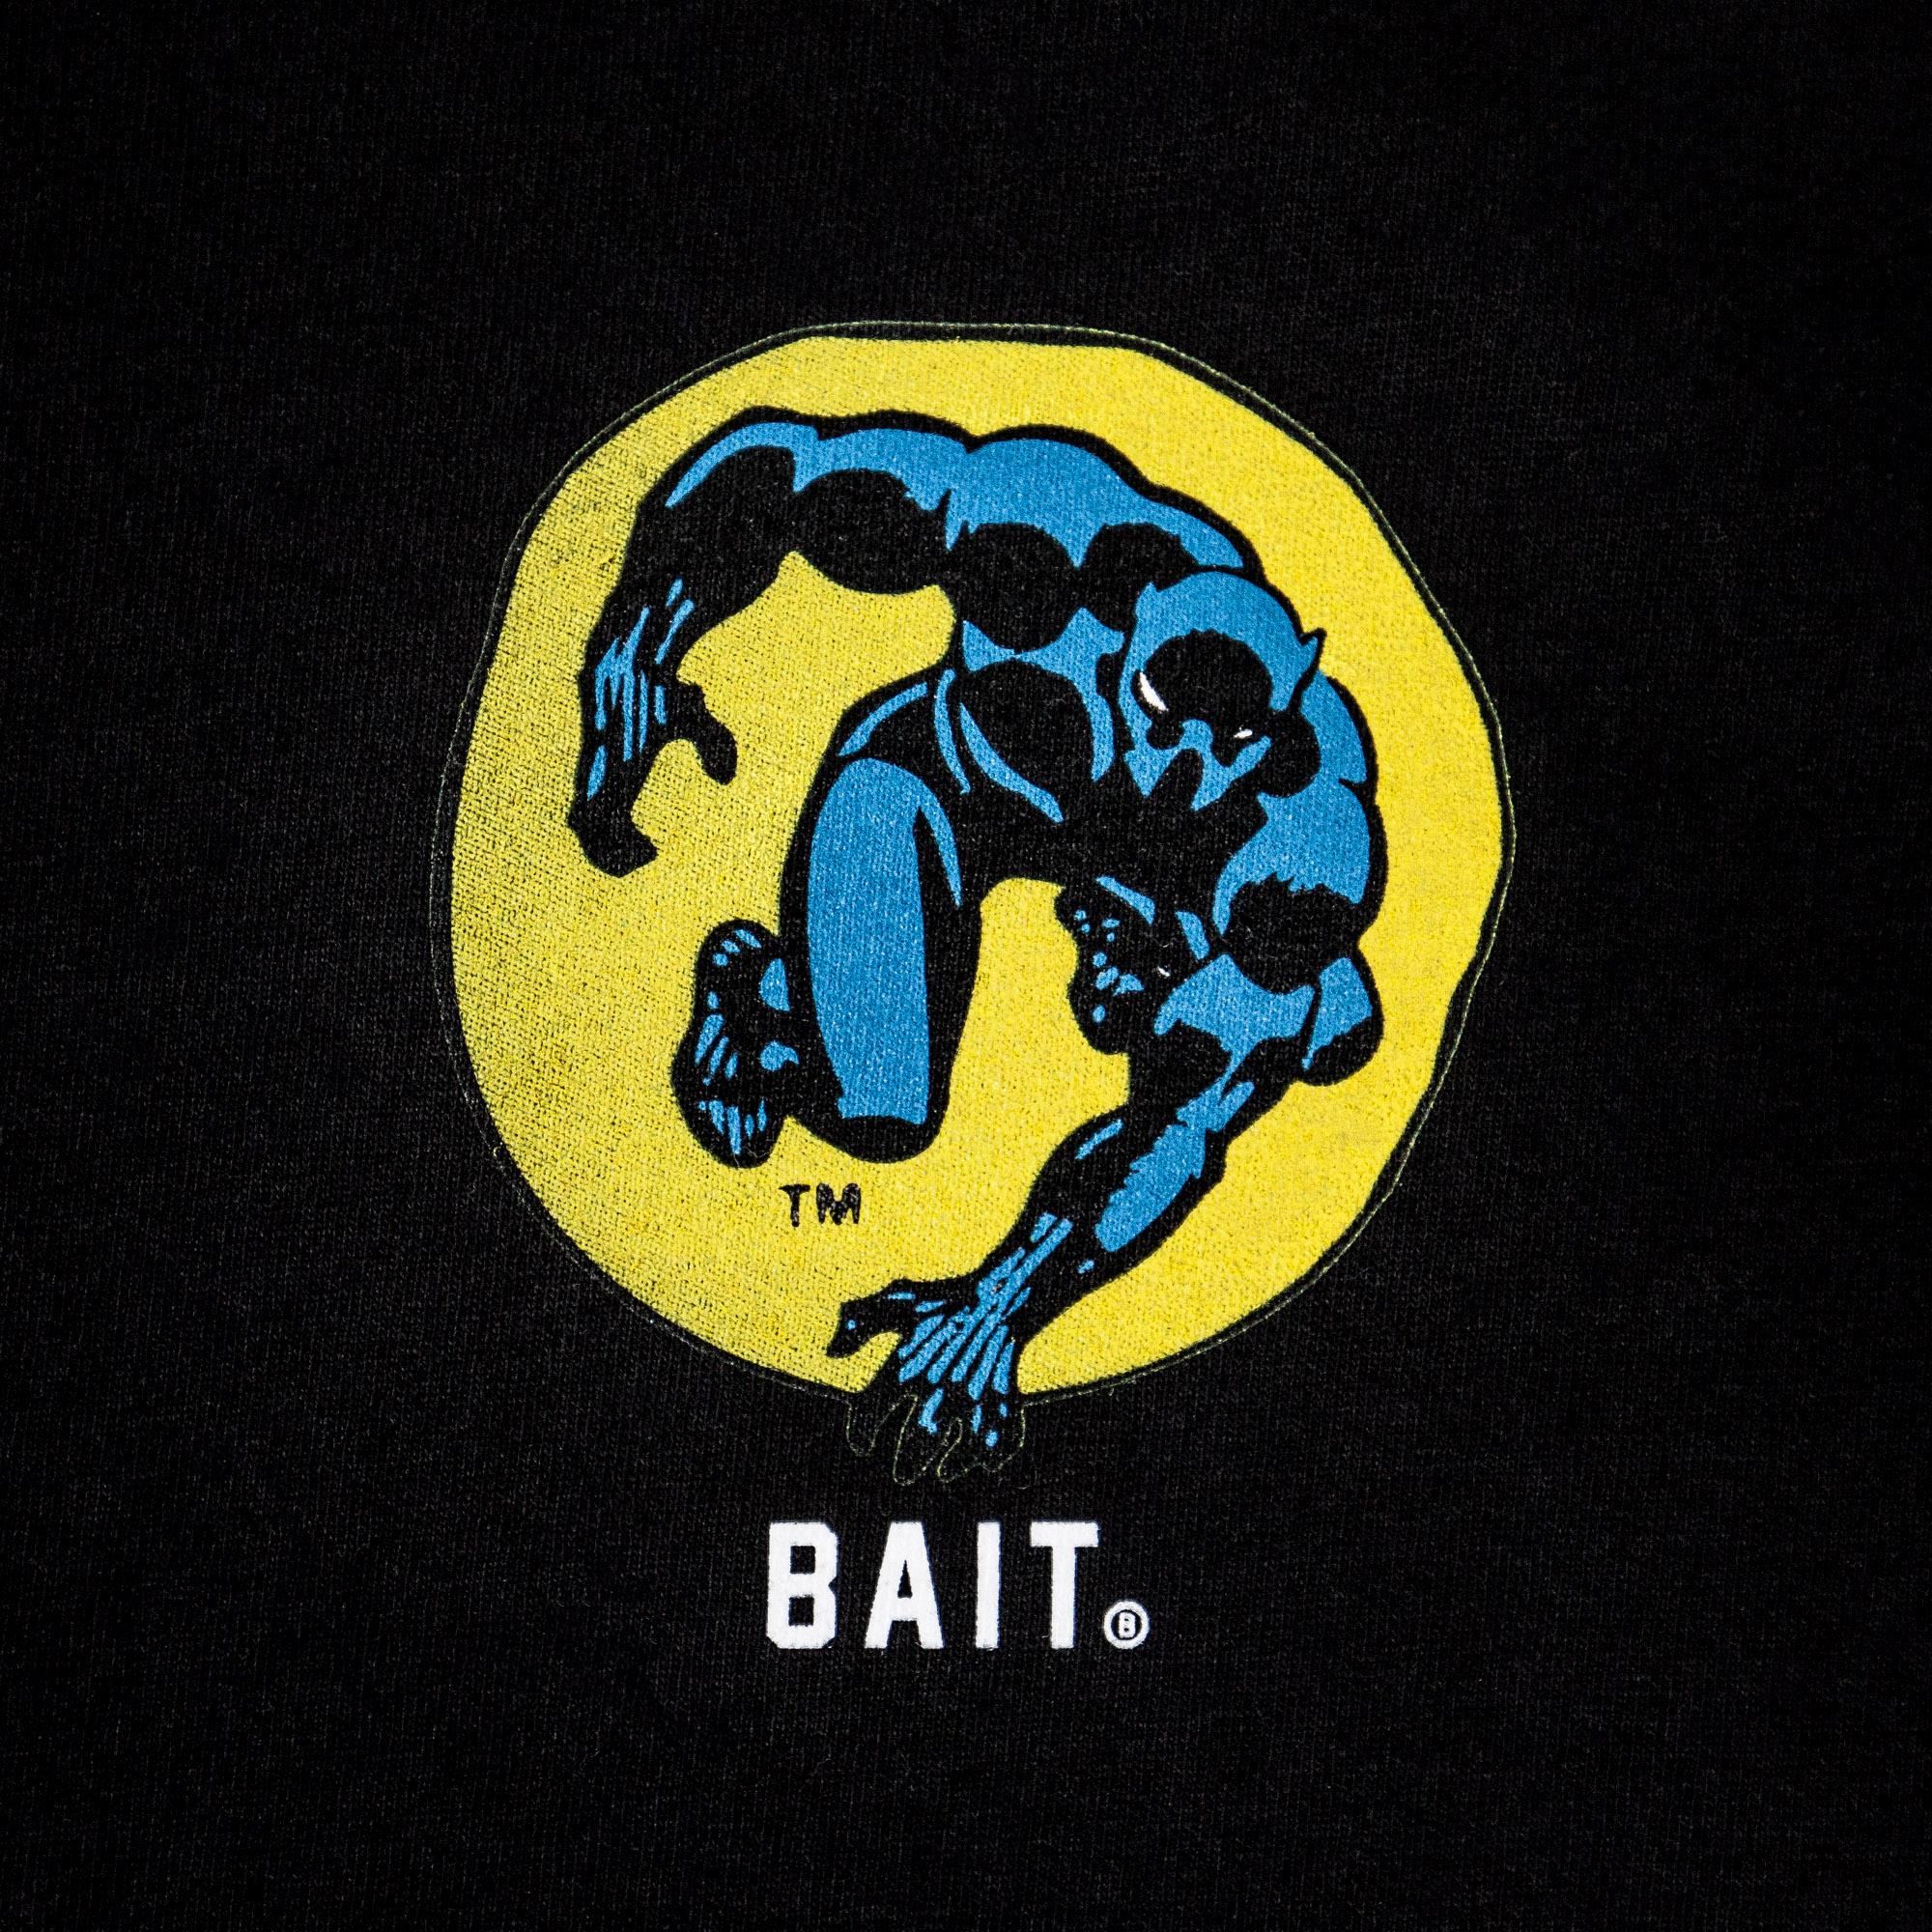 Marvel hợp tác Puma cho ra mắt BST sneakers Black Panther phiên bản giới hạn, tổng cộng 400 đôi trên toàn thế giới - Ảnh 8.